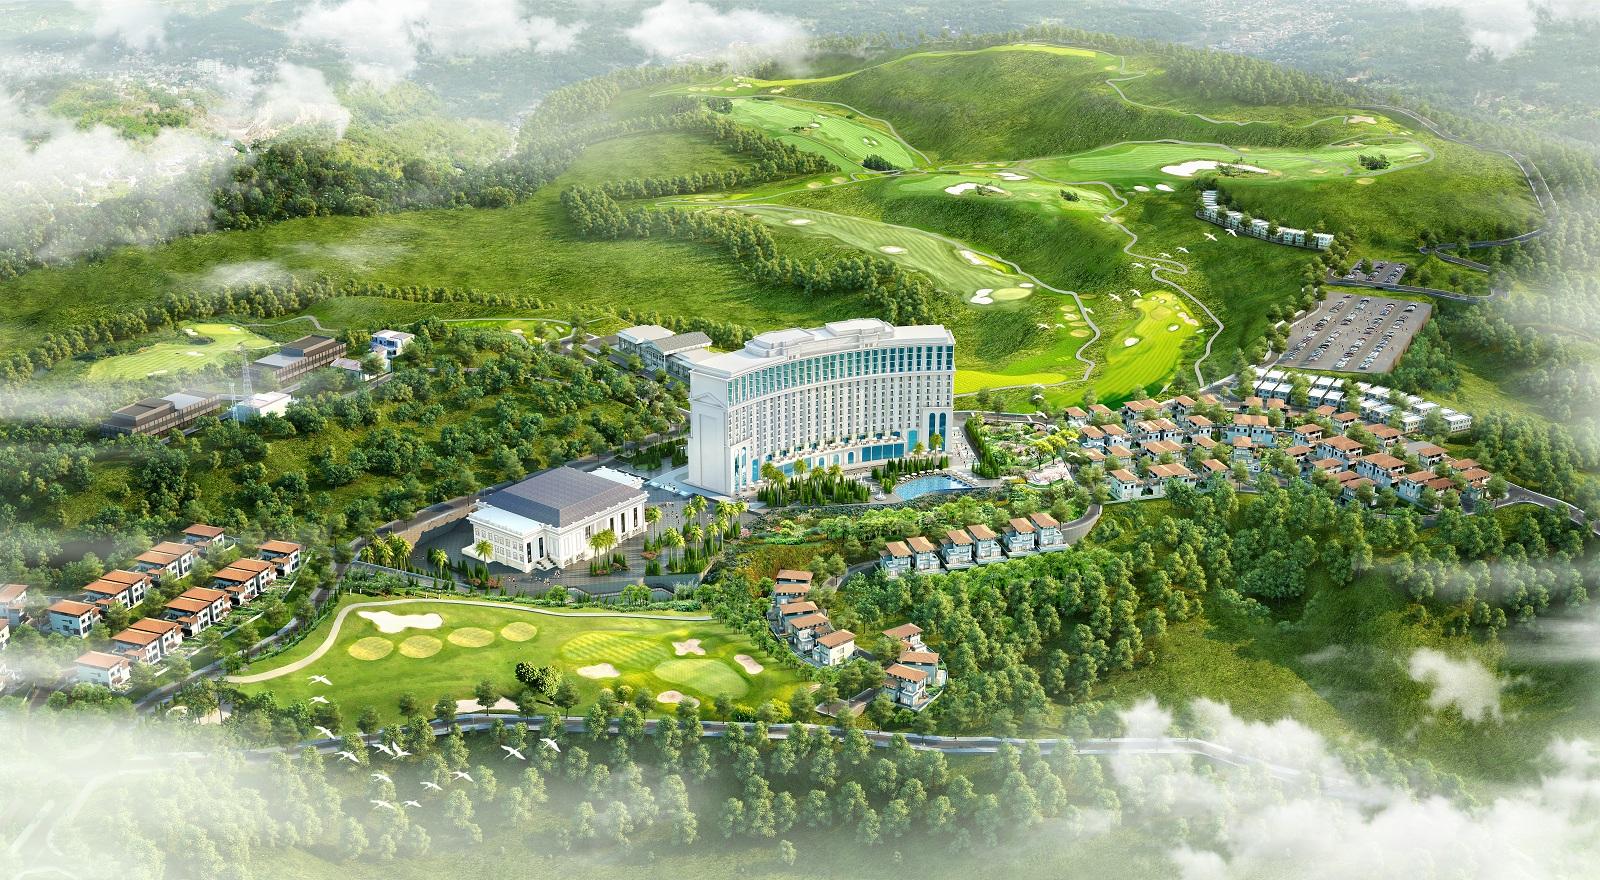 Dự đoán tình hình bất động sản Tây Ninh năm 2020 2